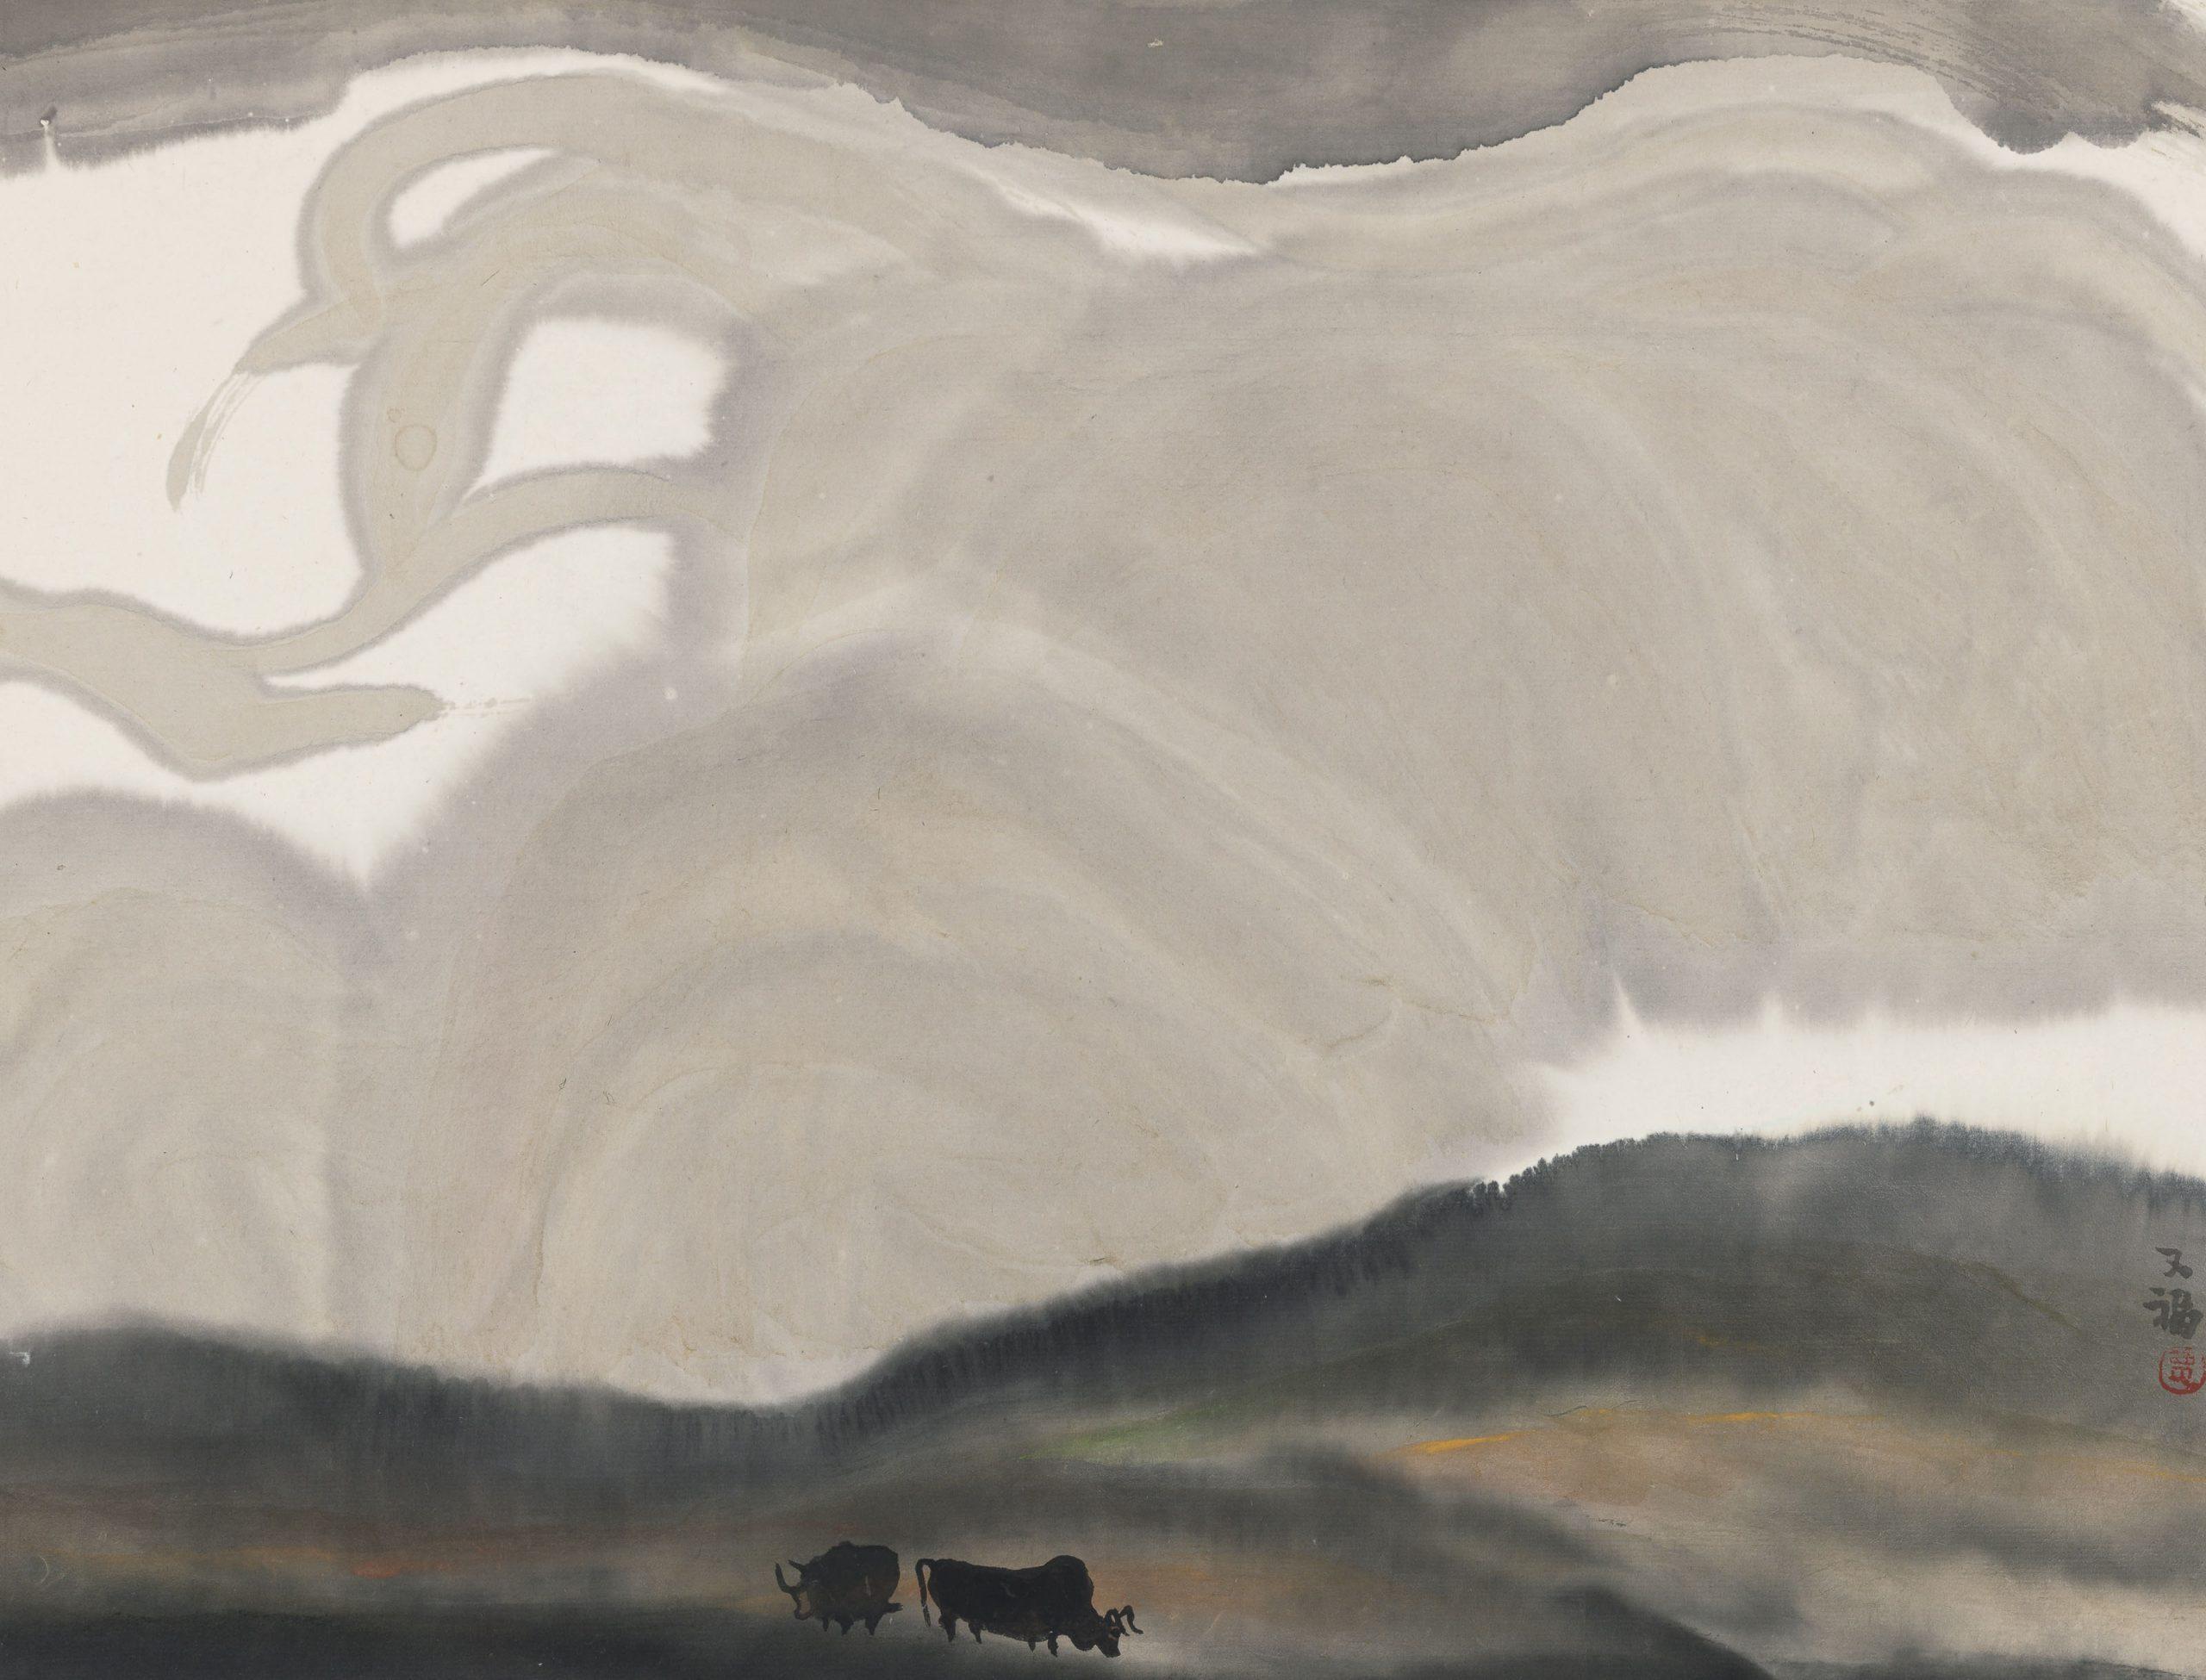 Deux taureaux en paysage, rouleau suspendu, encre et couleur sur papier, Jia Youfu (né en 1942)